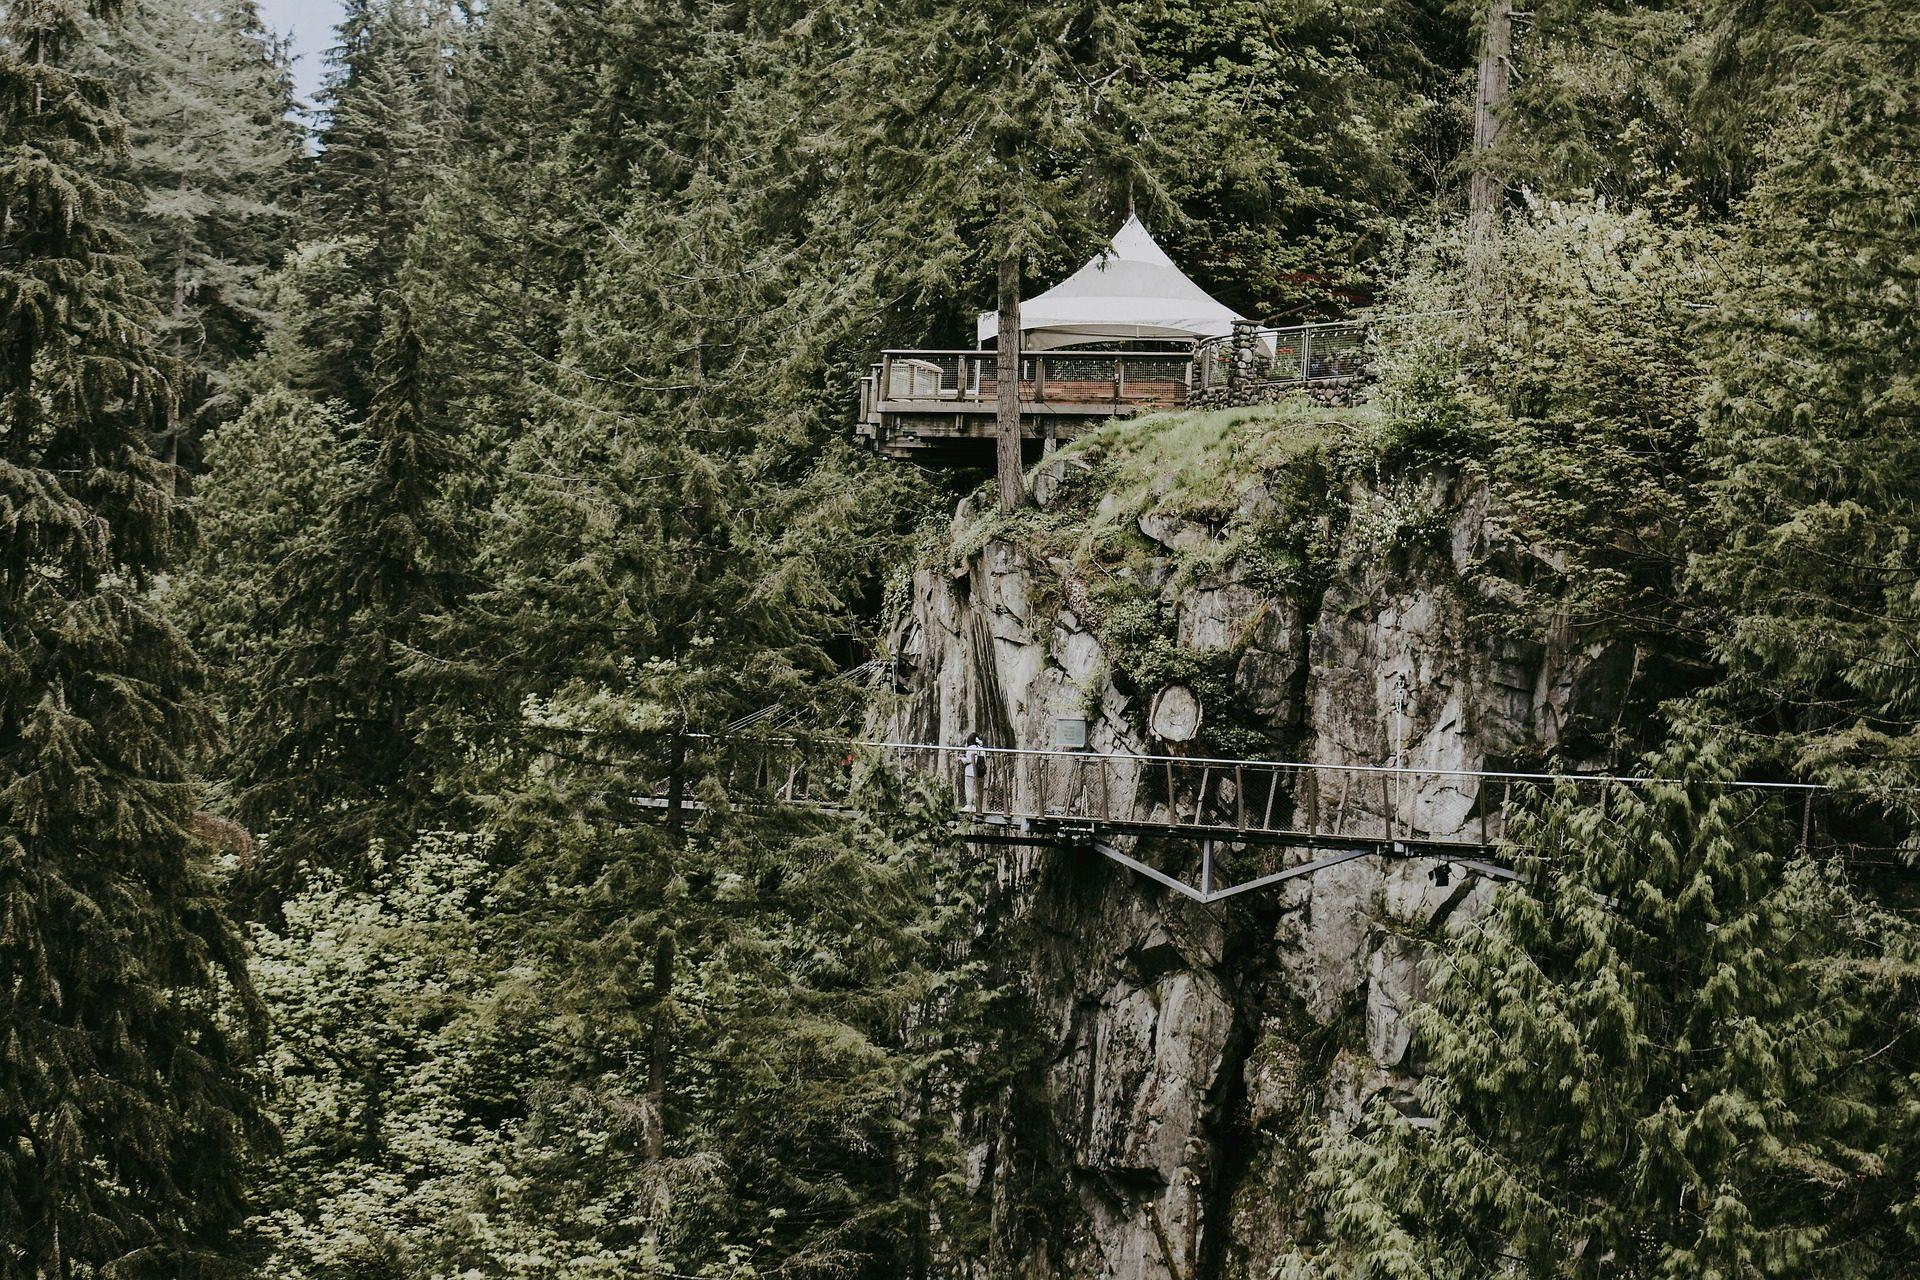 floresta, árvores, ponto de vista, passagem, ponte, alturas - Papéis de parede HD - Professor-falken.com